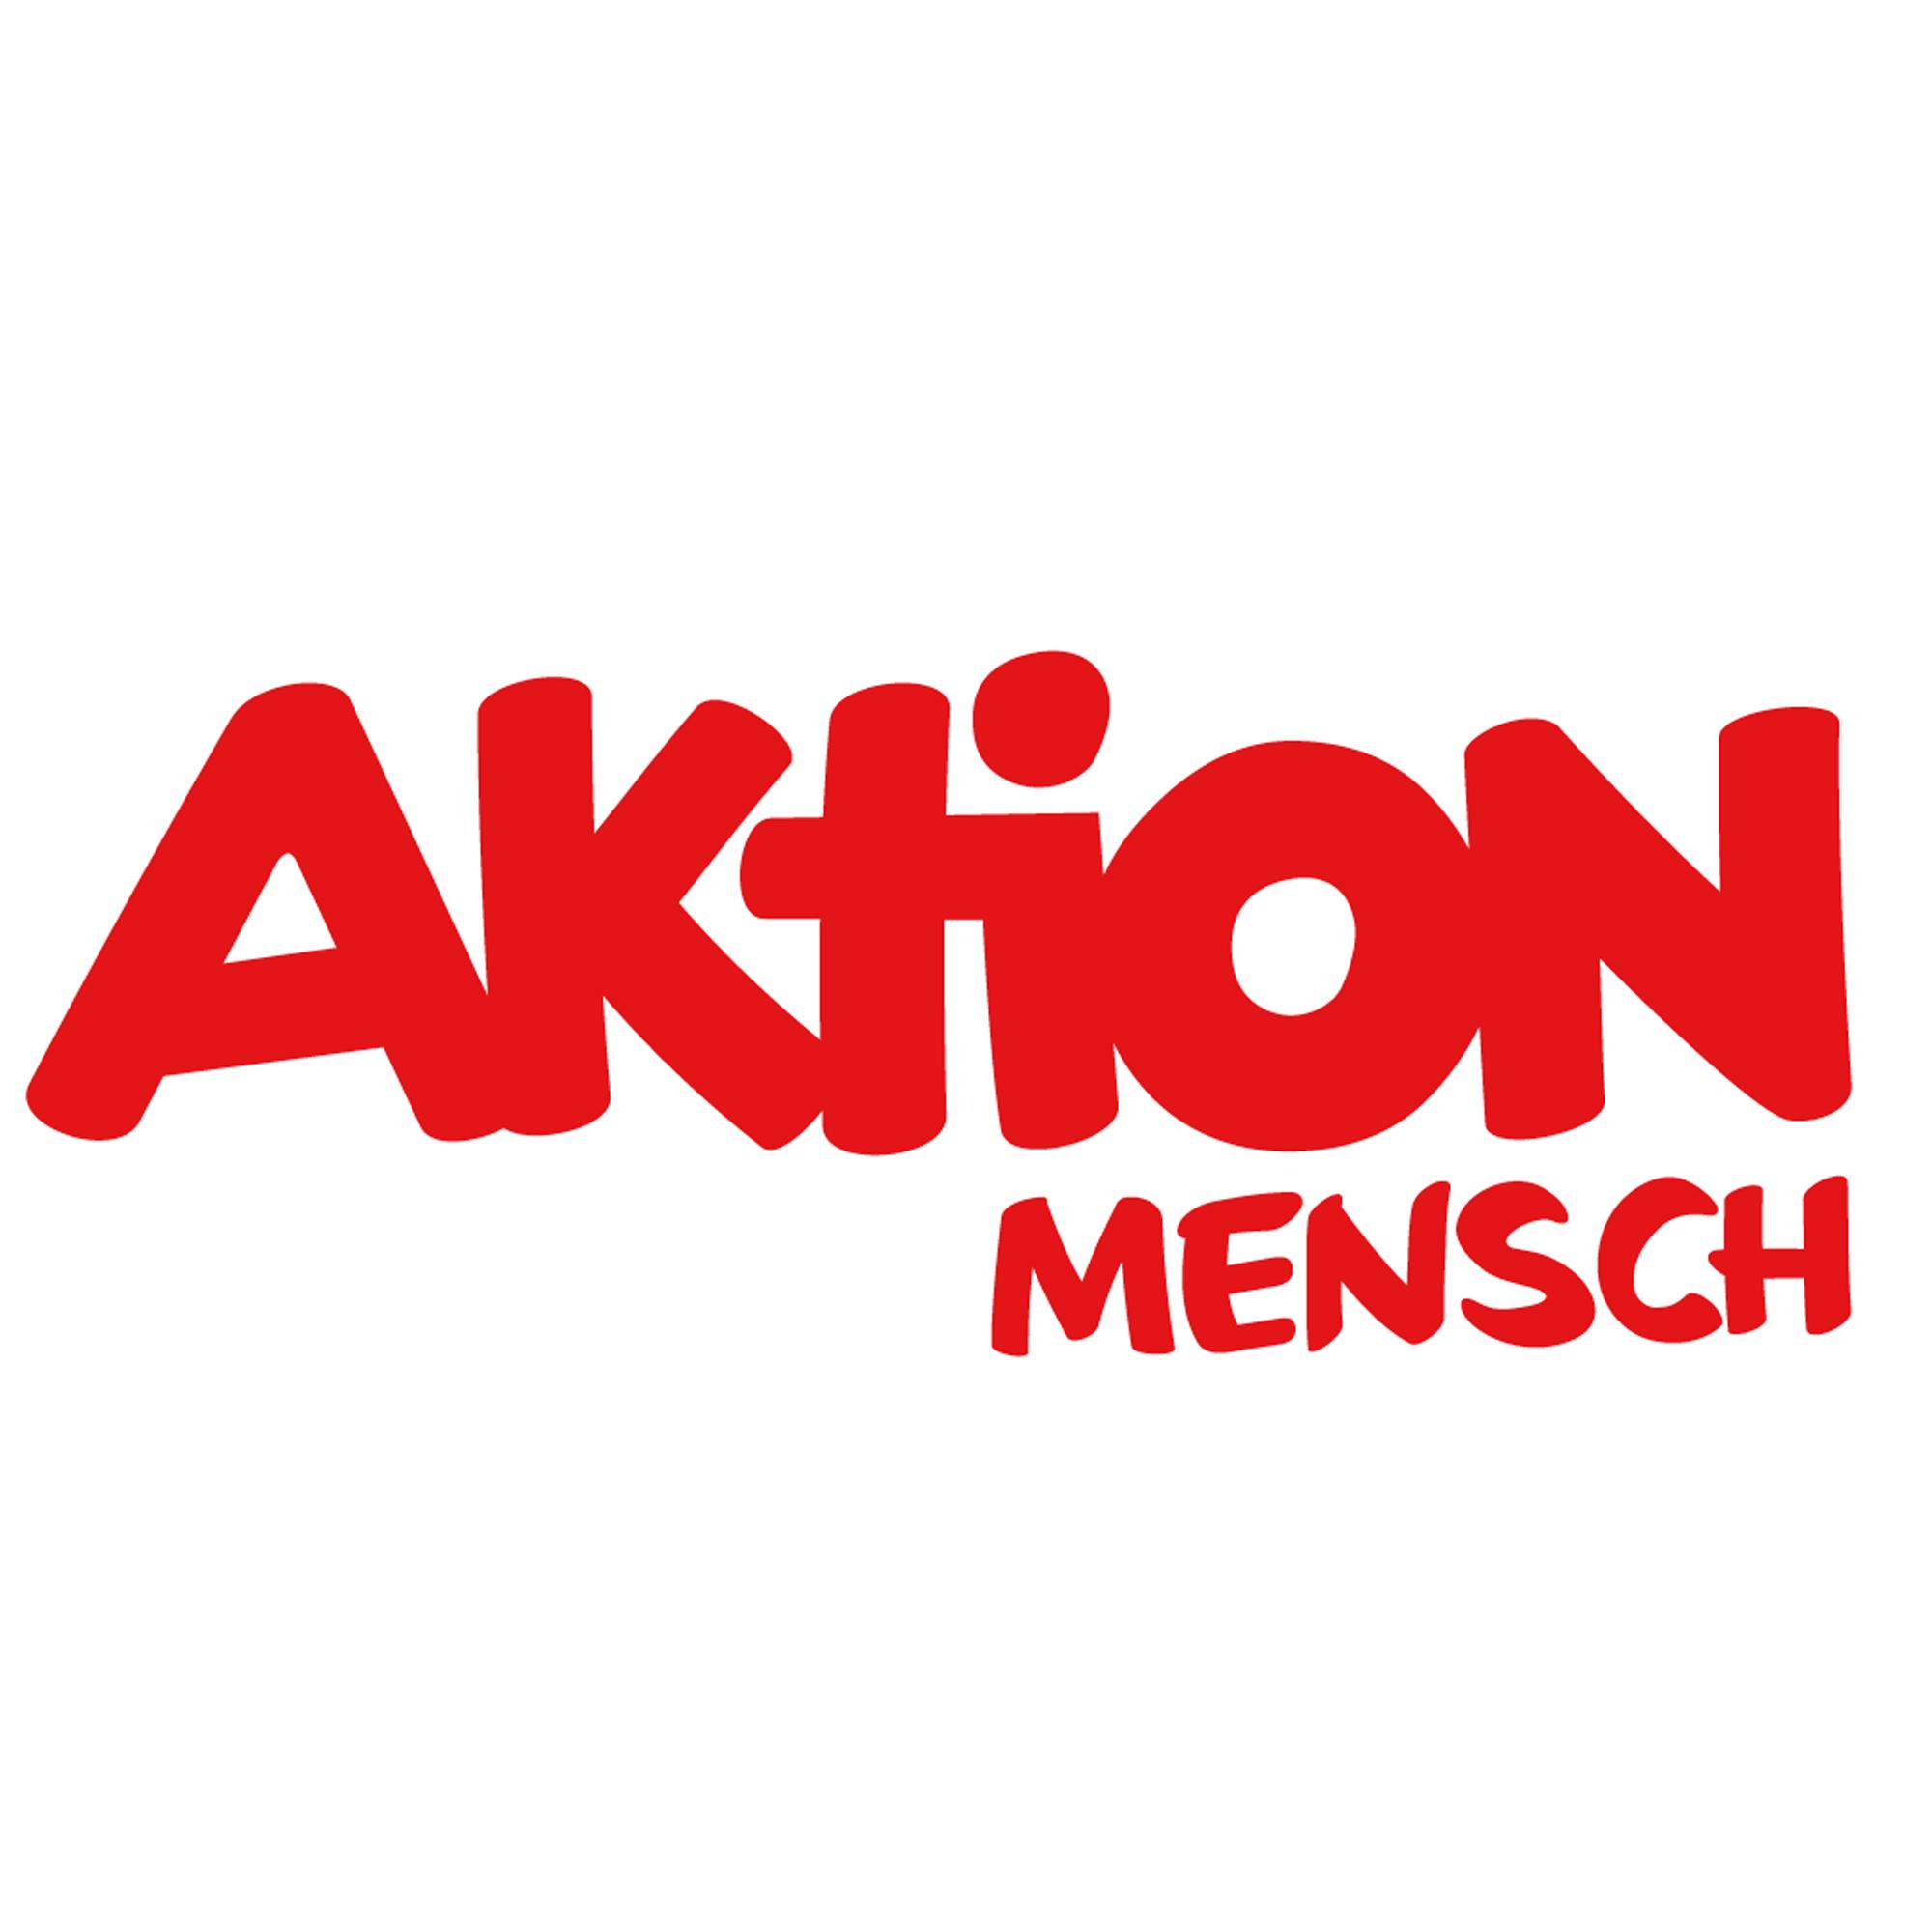 Logo der Aktion Mensch als Wortbildmarke. Rote Schrift auf weißem Grund.